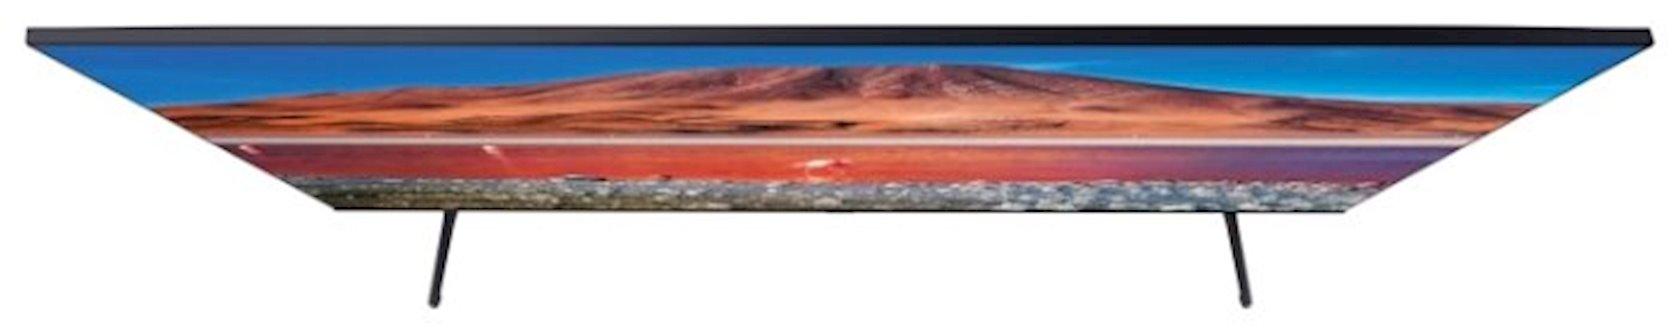 Televizor Samsung UE70TU7100UXRU